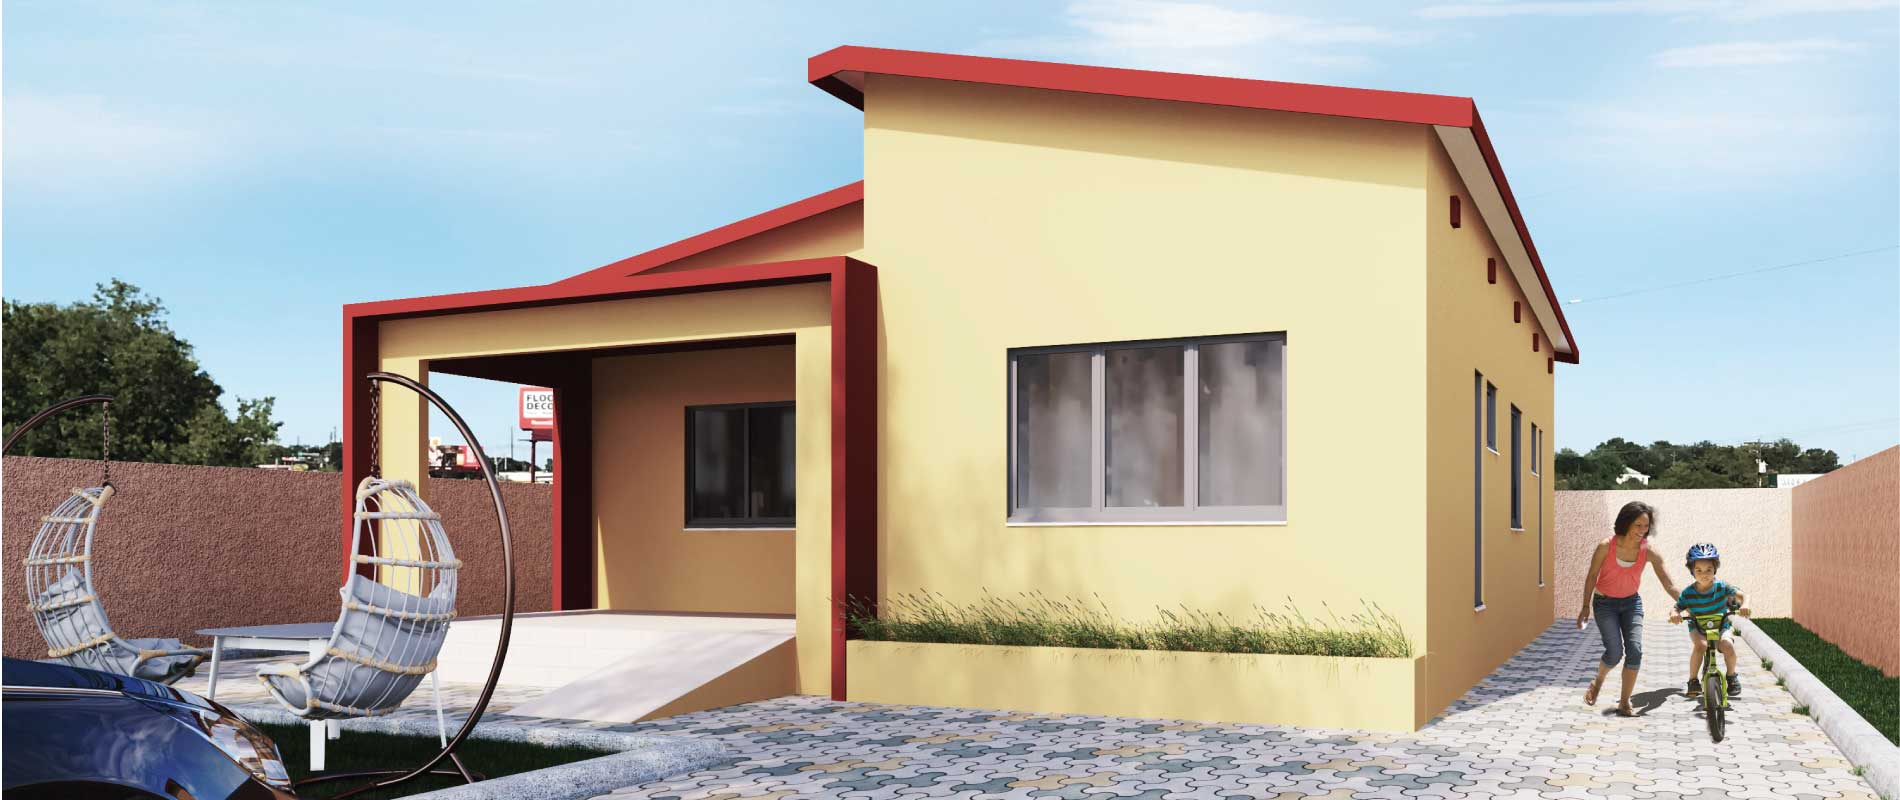 PNHG-filiale-PNHG---slider3---Immobilier---Maison--parcelle